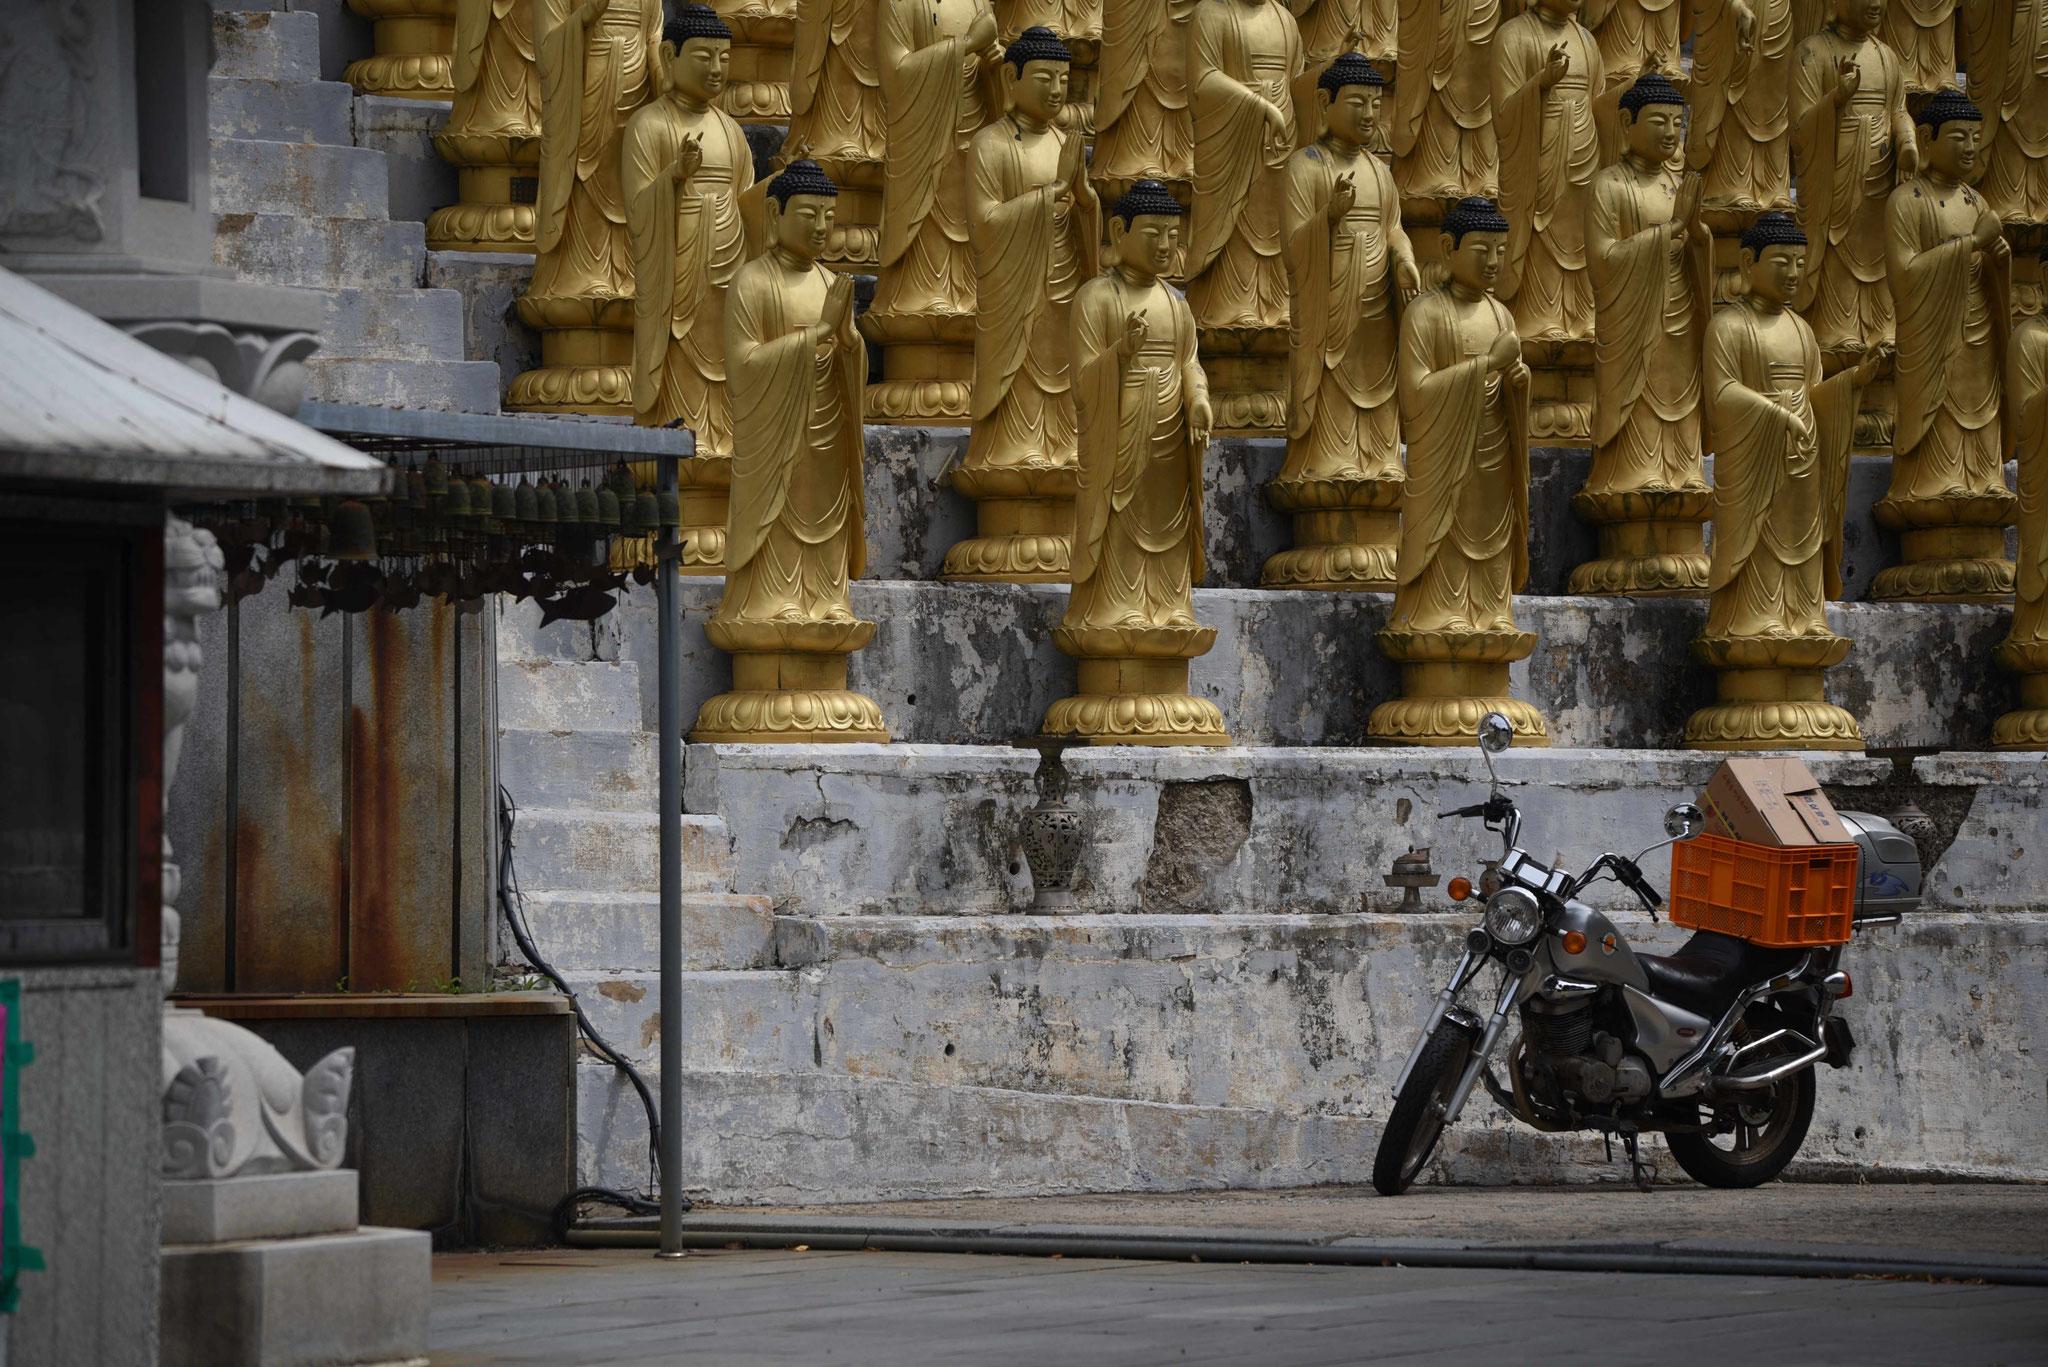 Ein Mönch kam mit dem Moped...